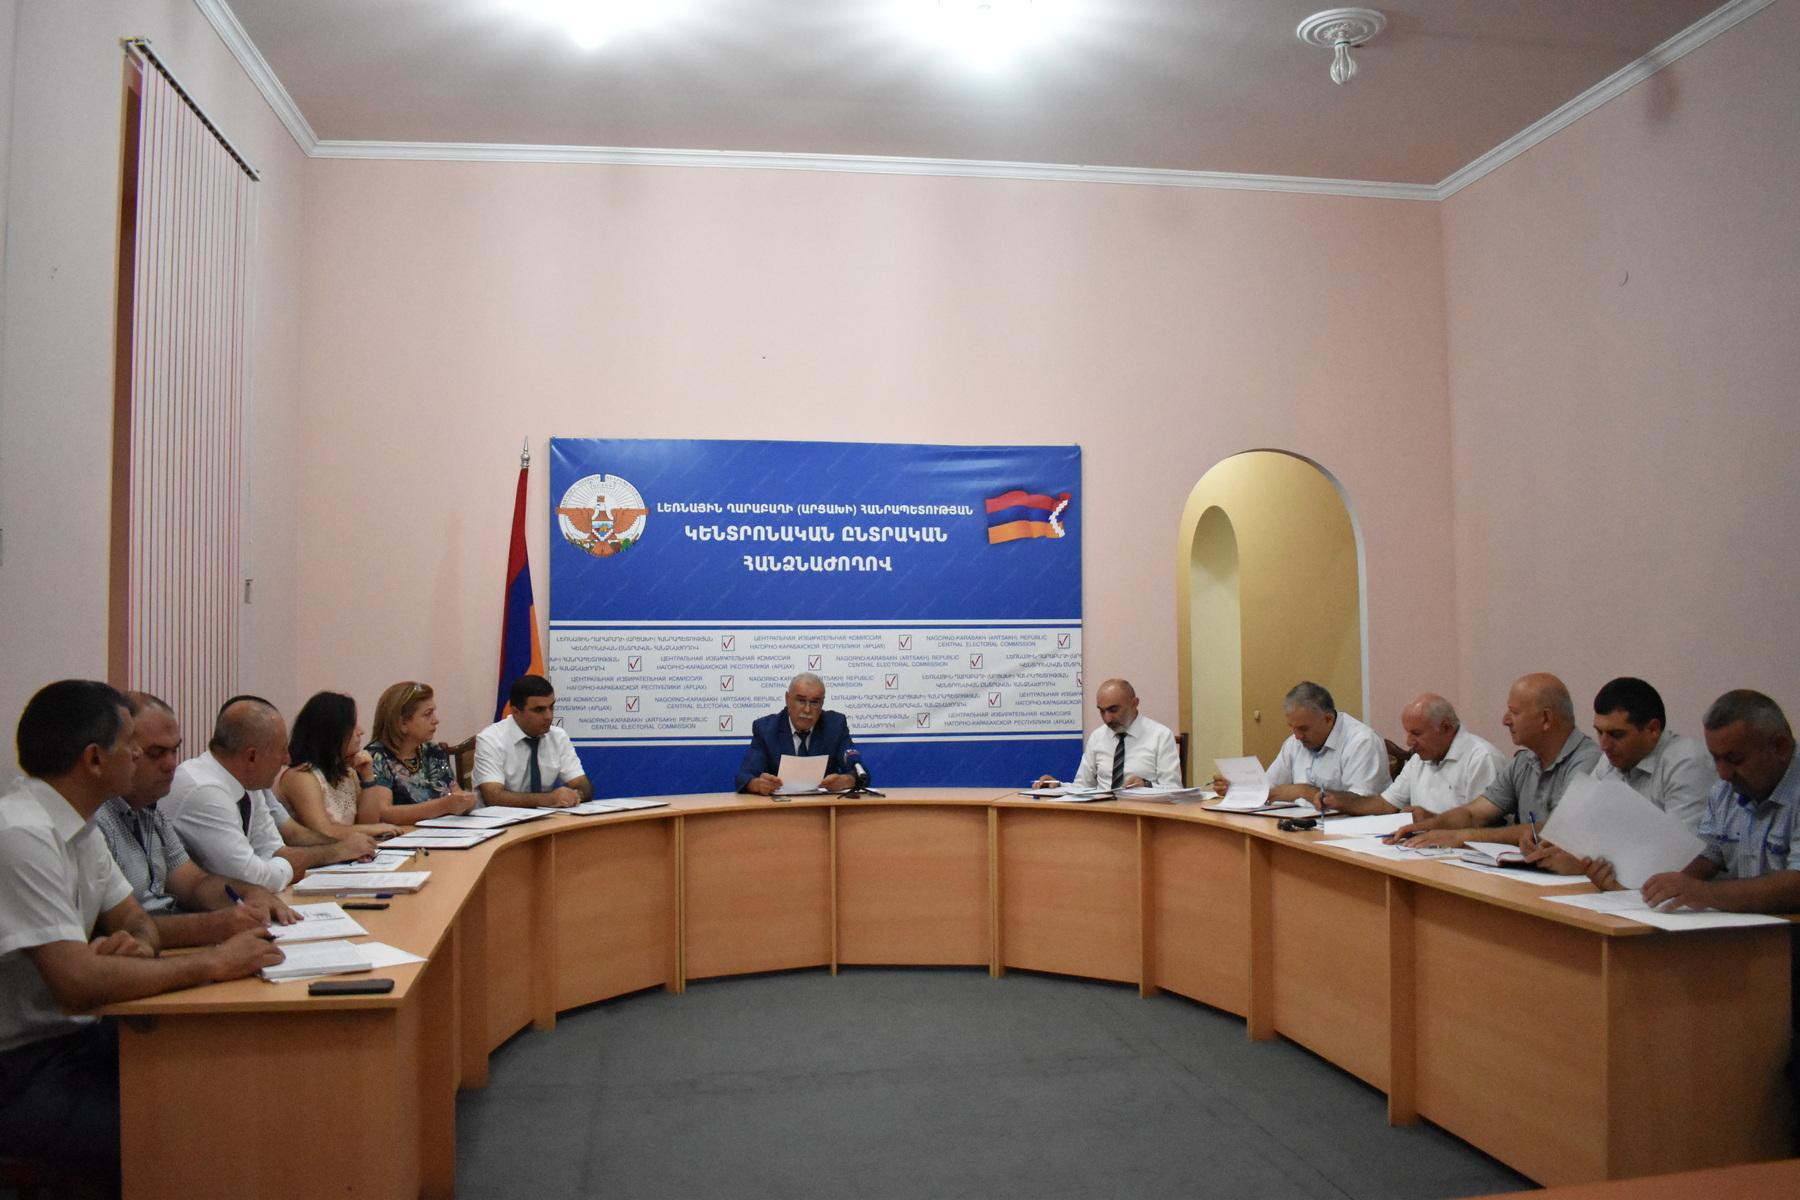 ՏԻՄ ընտրություններին գրանցվել է 416 համայնքի ղեկավարի և 1401 ավագանու թեկնածու